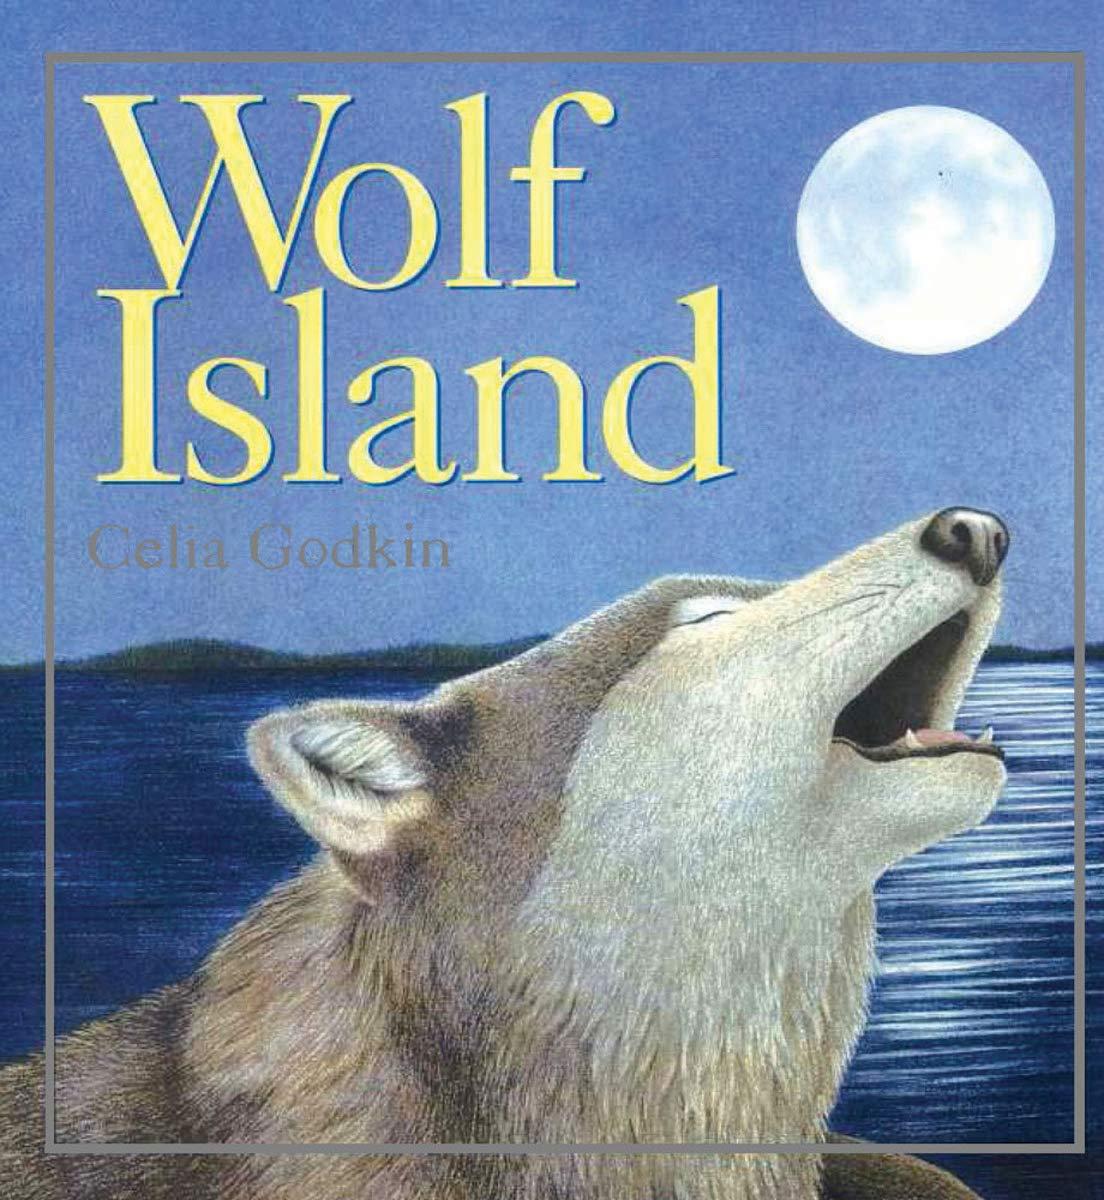 Wolf Island by: Celia Godkin